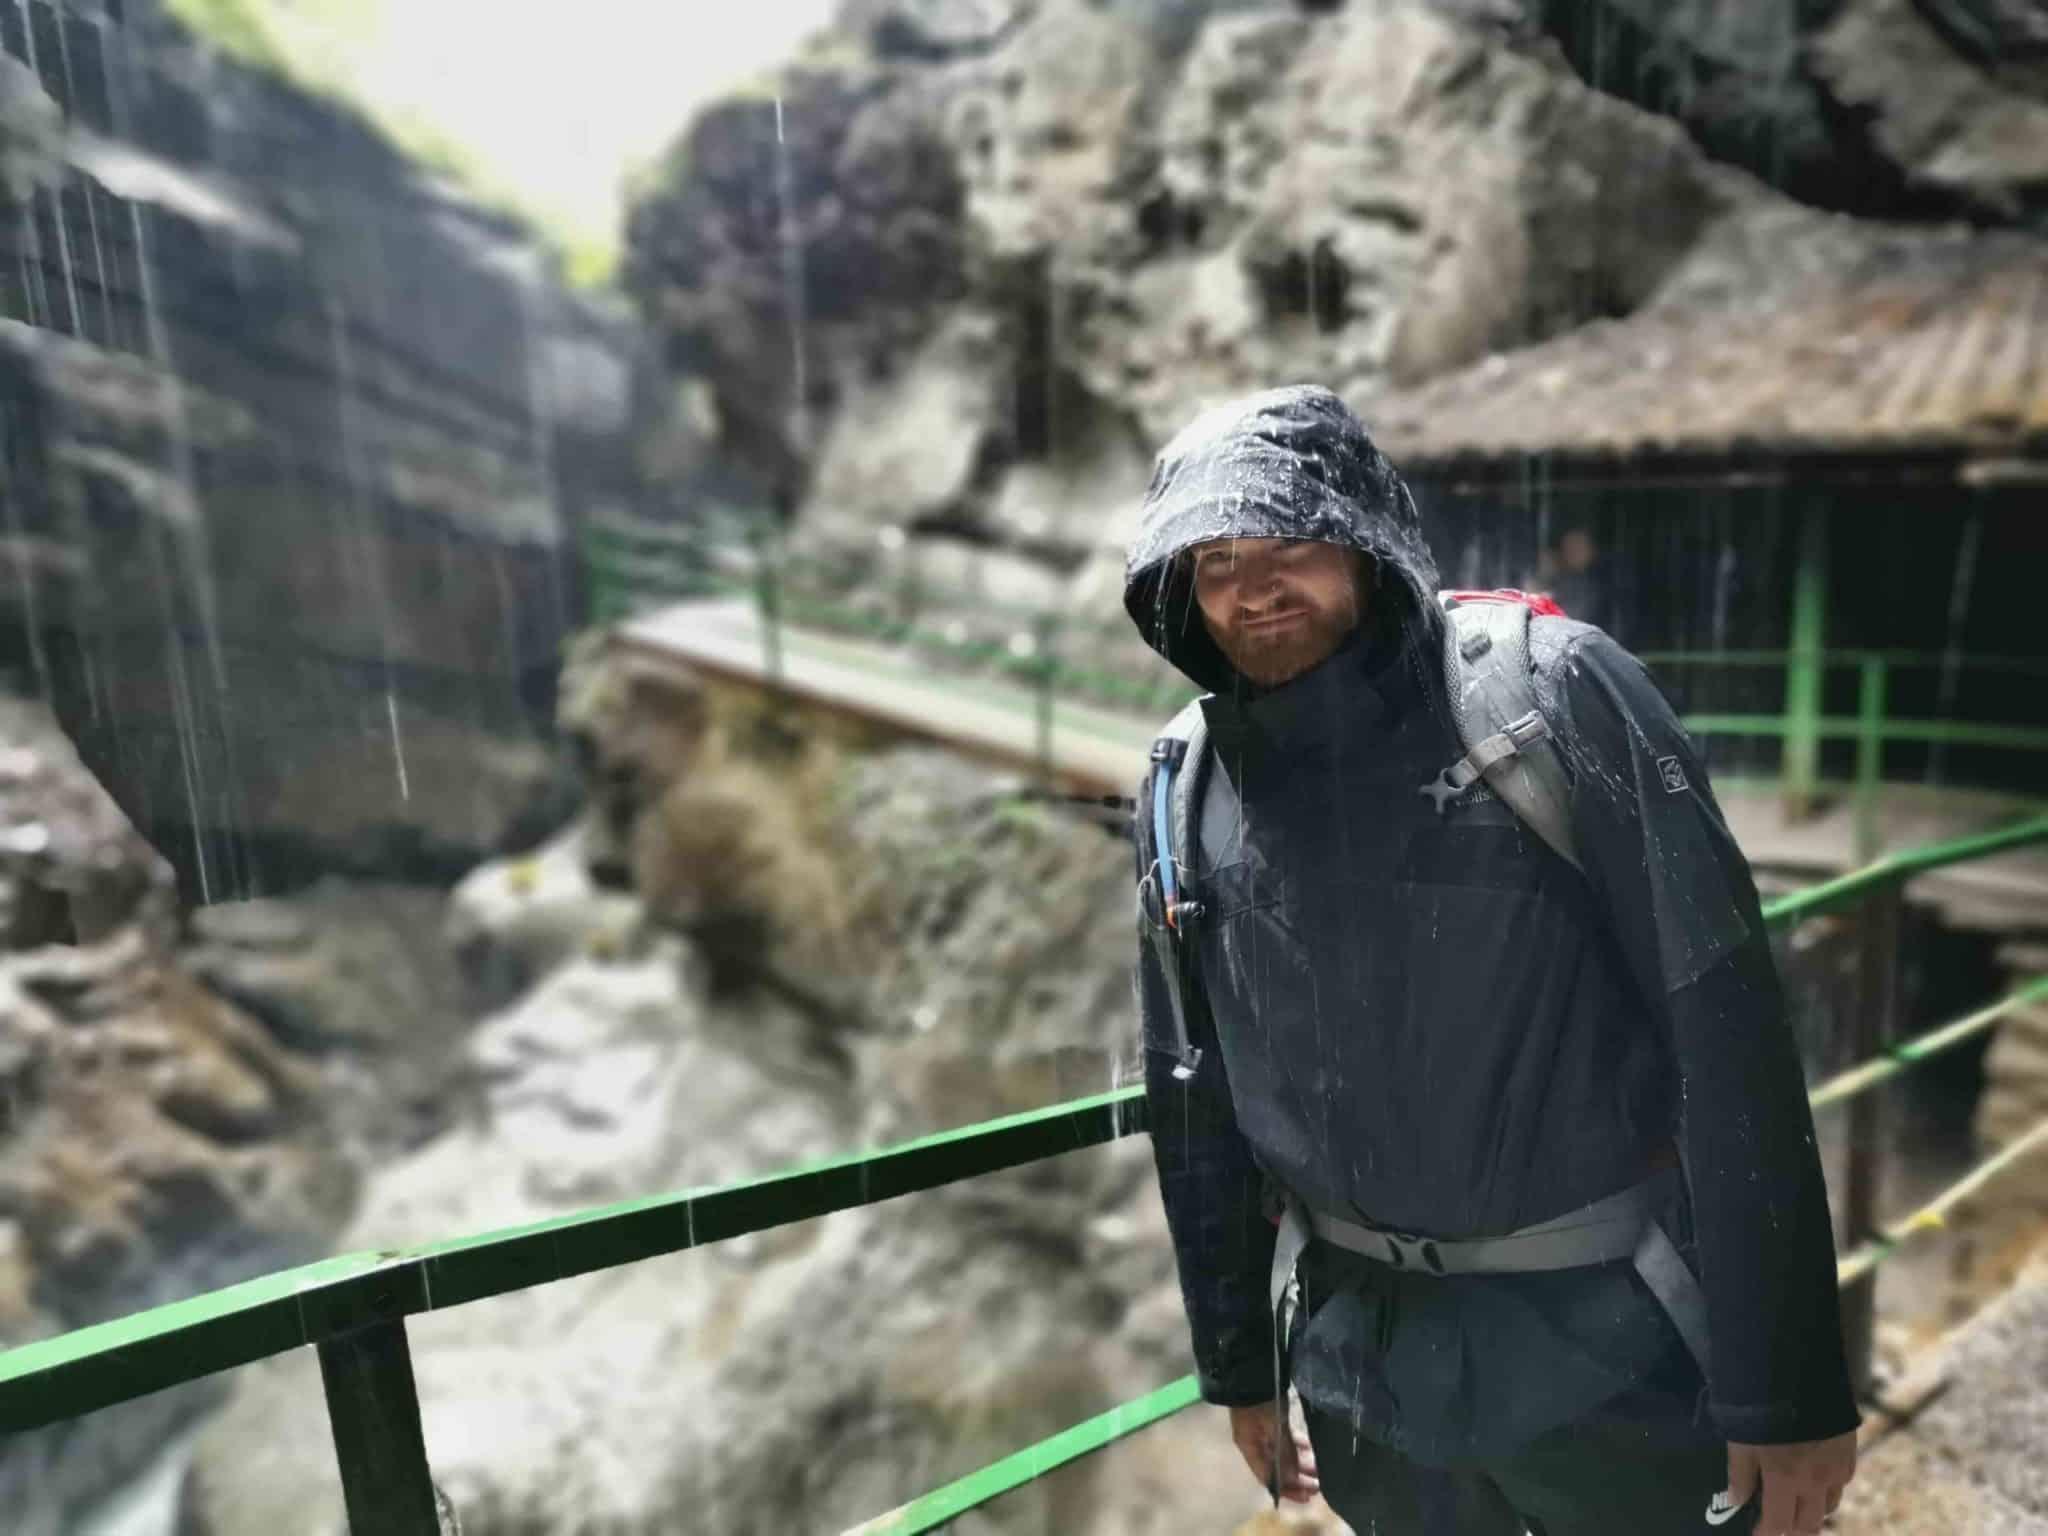 Hardshelljacke in Klamm unter Regen